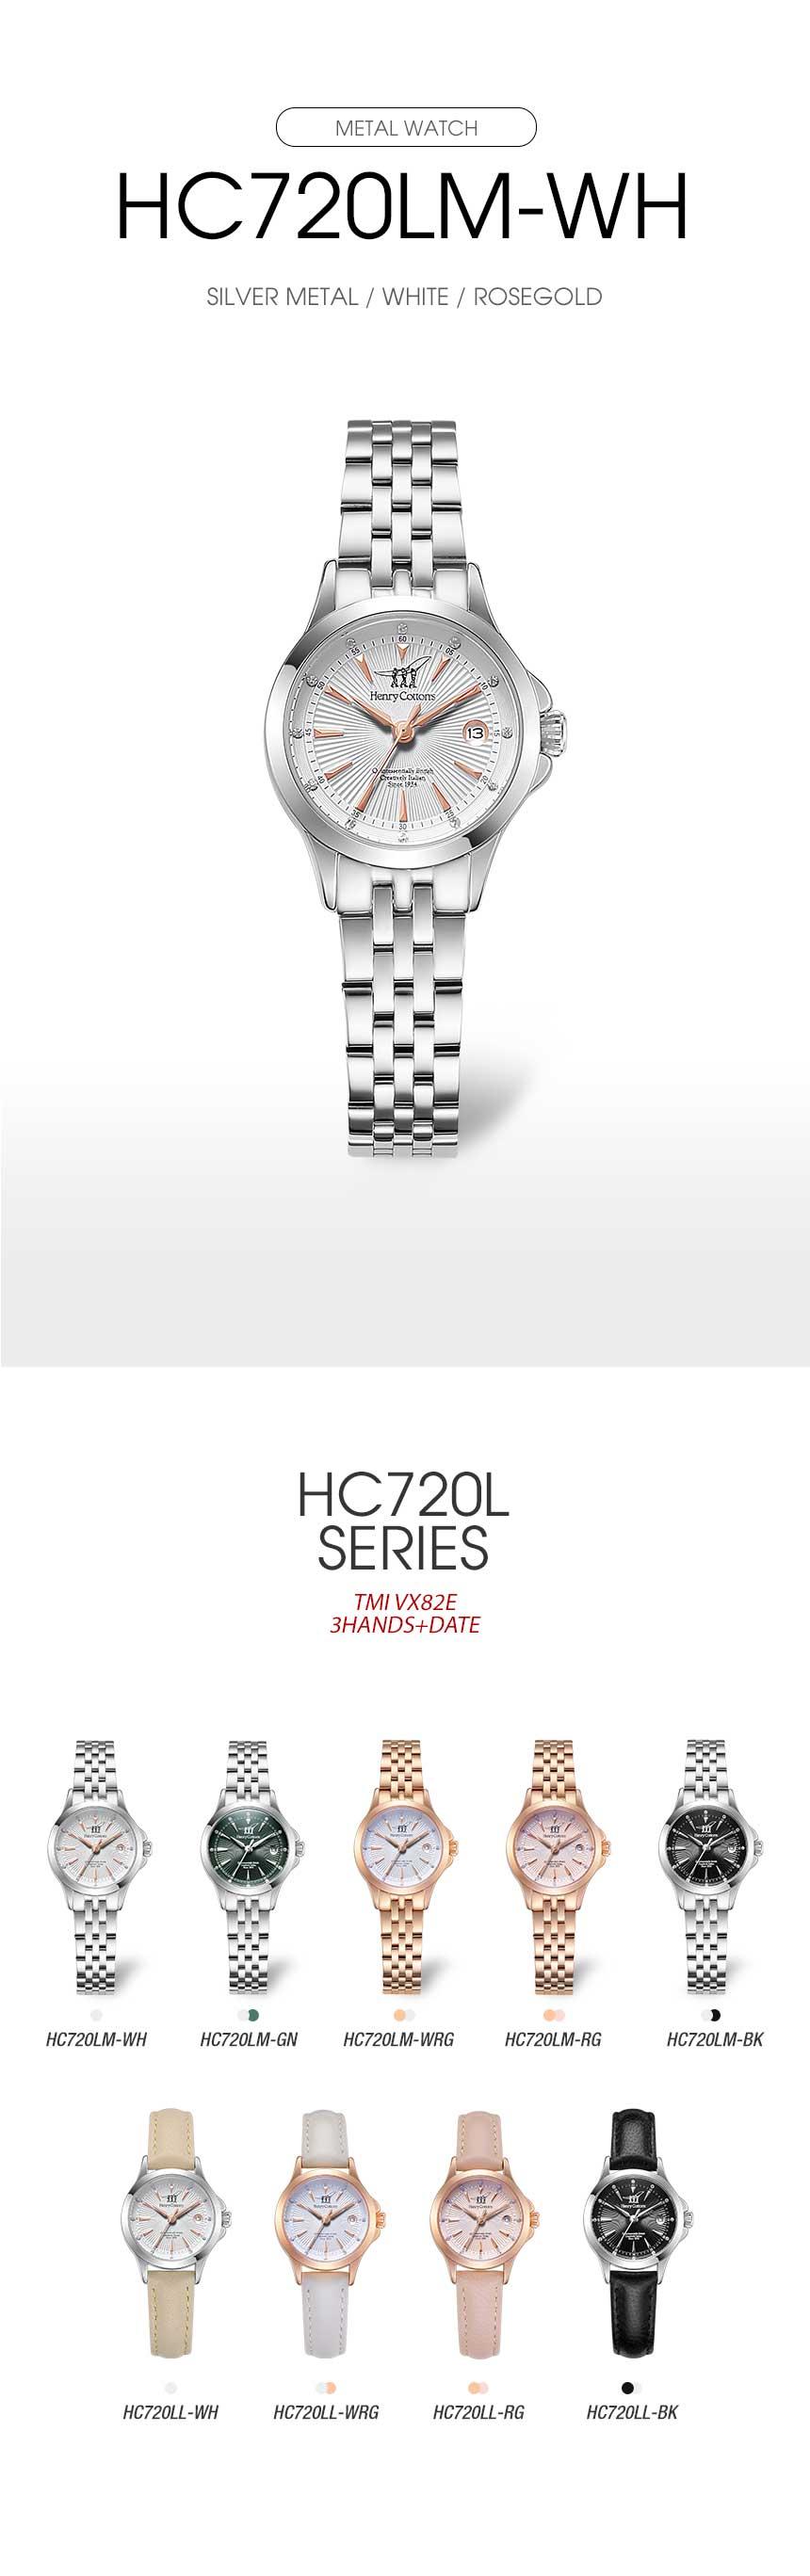 헨리코튼(HENRY COTTON'S) 여자 데이트 메탈시계 HC720LM-WH